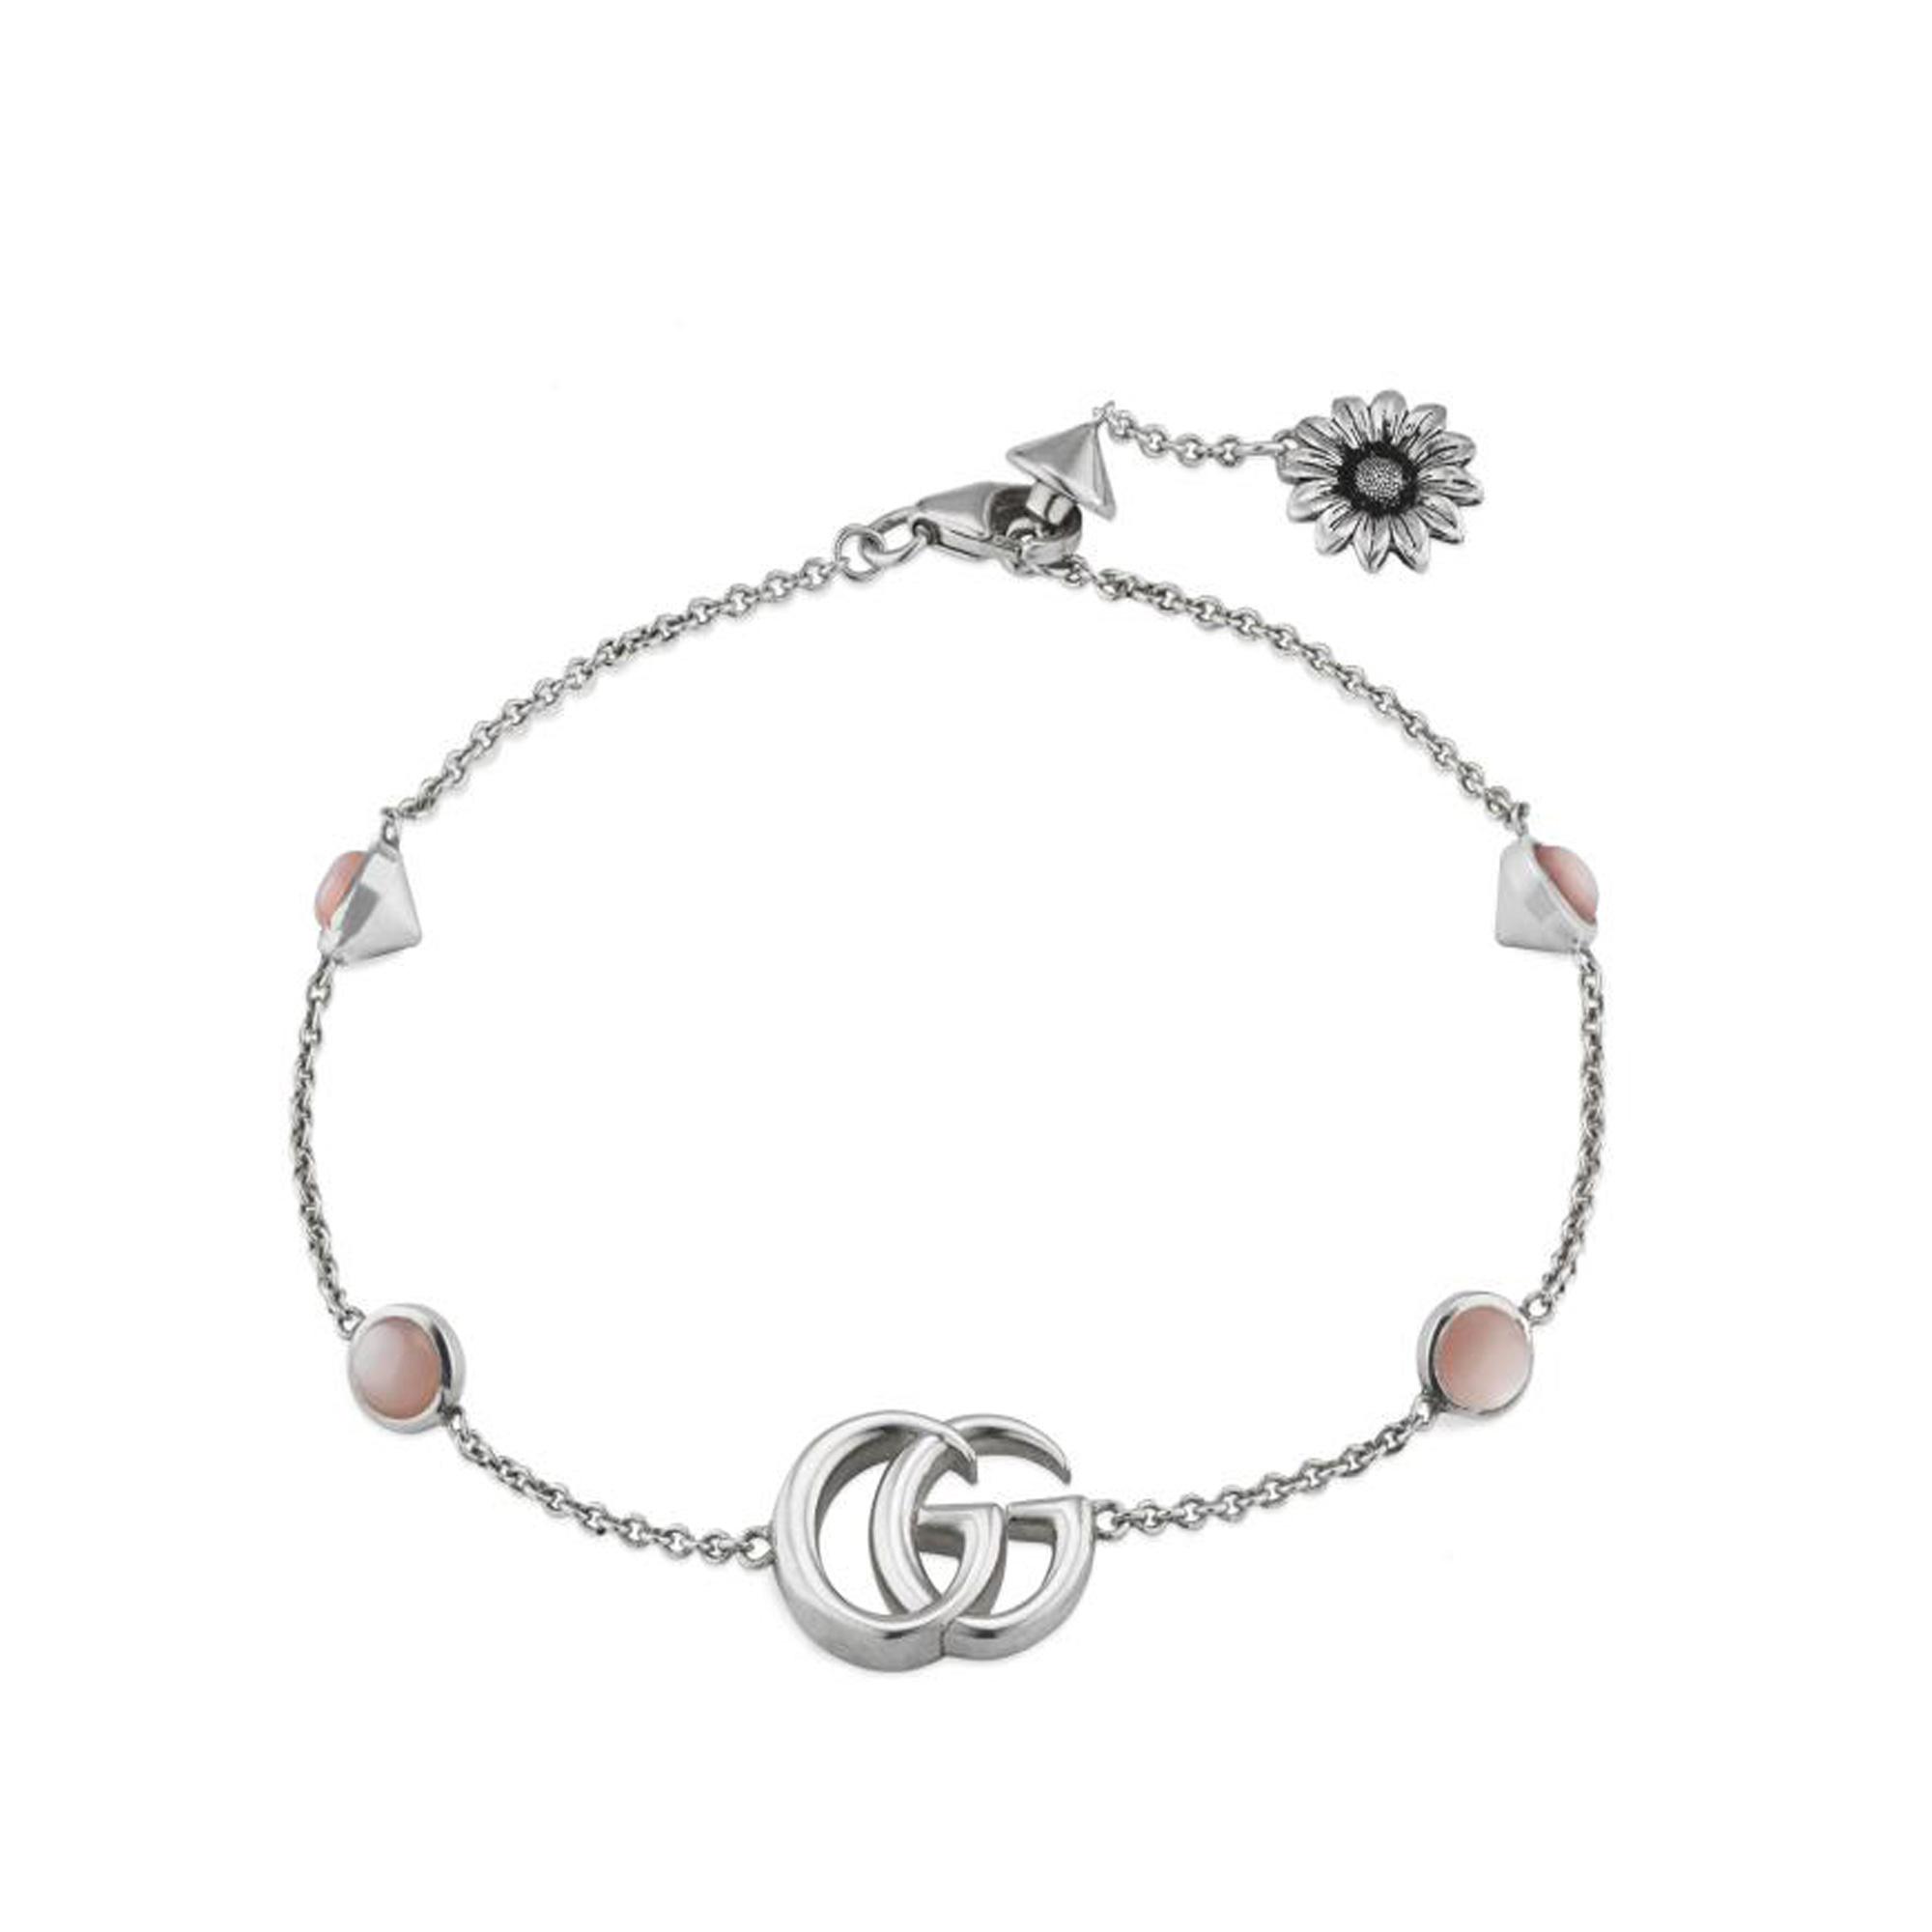 Gucci Bracciale Doppia G con fiore bracelet sconto discount